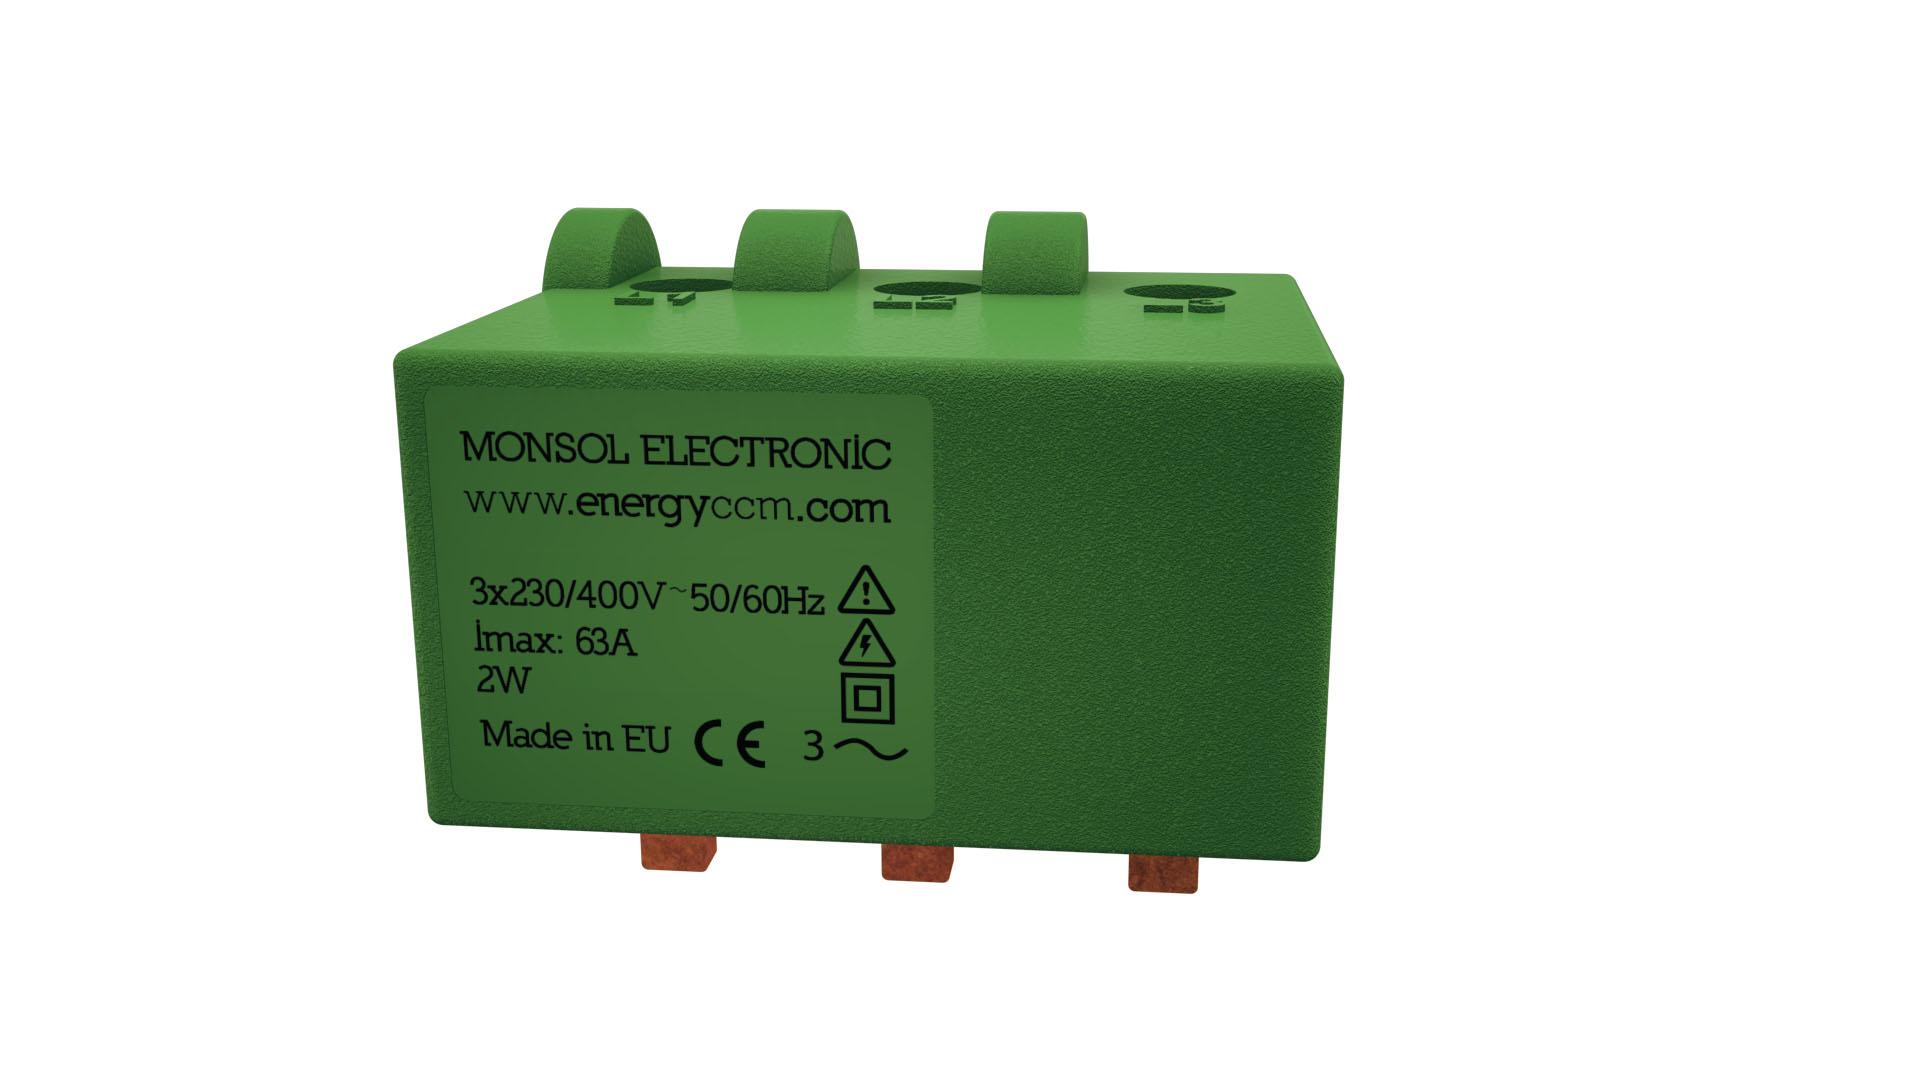 CcM·3 para eficiencia energética